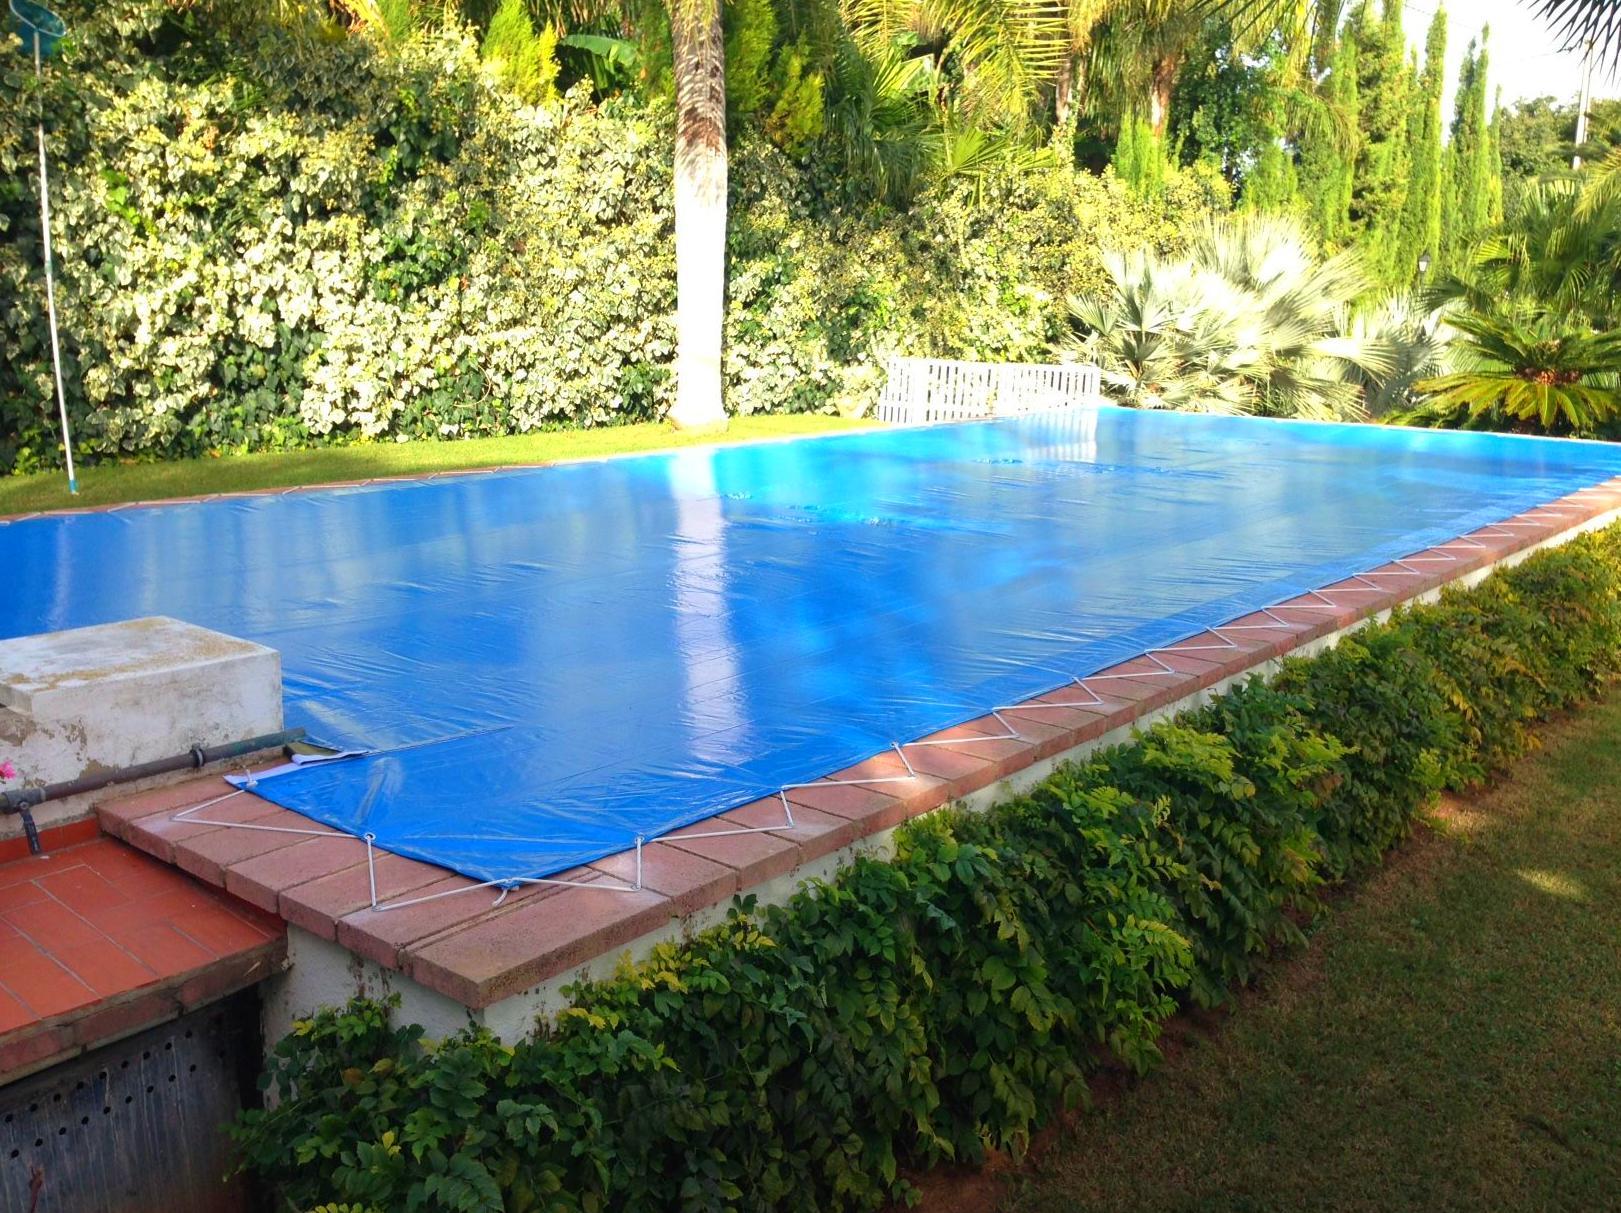 Lona cubre piscinas productos y sevicios de rafelmetal s l for Productos para piscinas